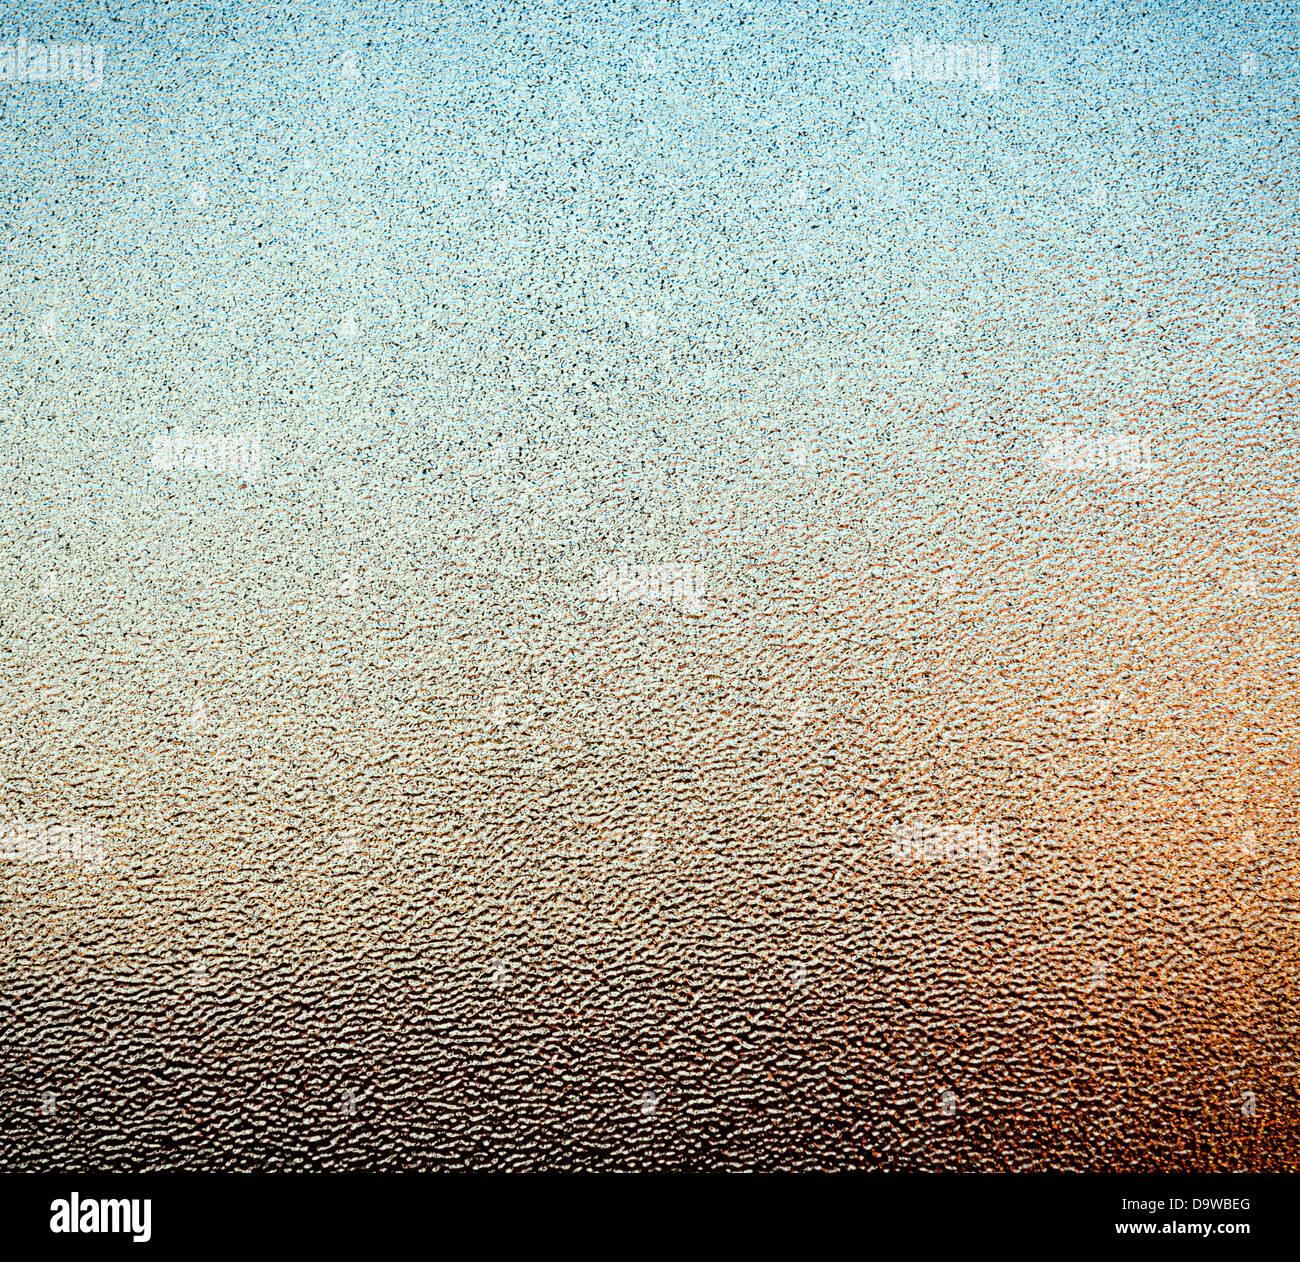 Resumen del panel de cristal punteada con colores ambientales desde afuera como textura de fondo Imagen De Stock